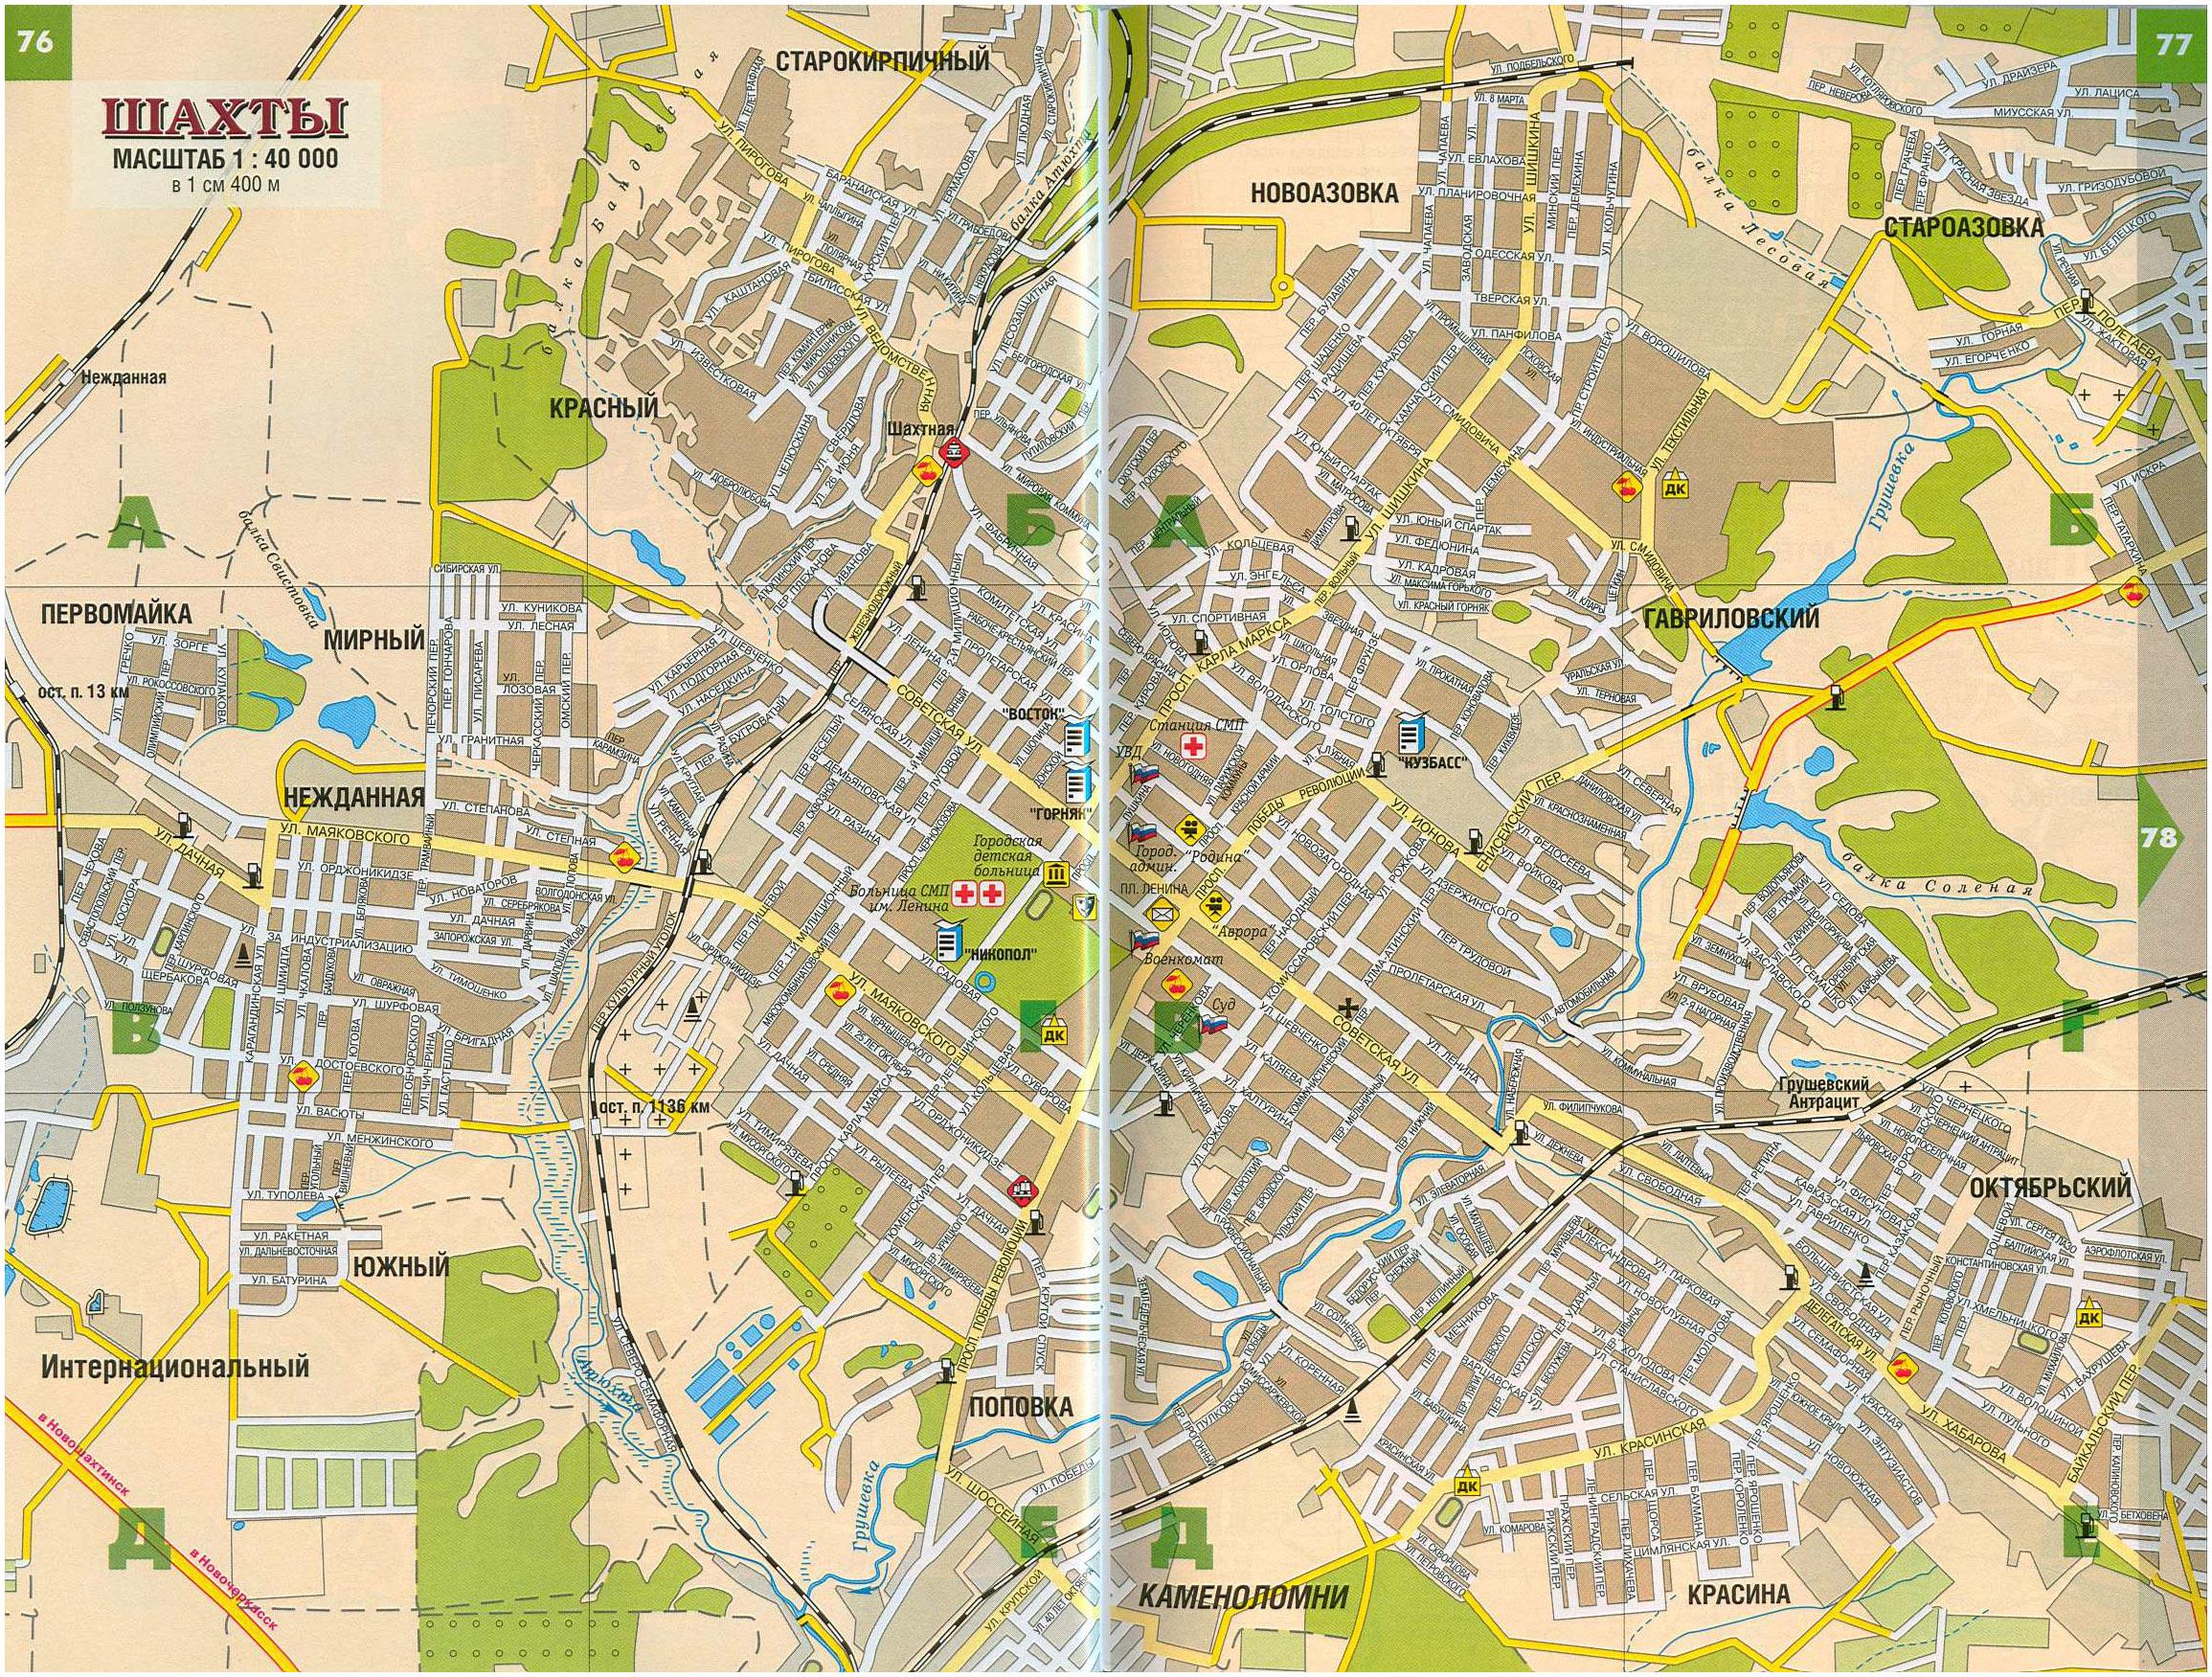 Карта г. Шахты. Карта города Шахты Ростовской области ...: http://www.rus-maps.com/russia-map-137/